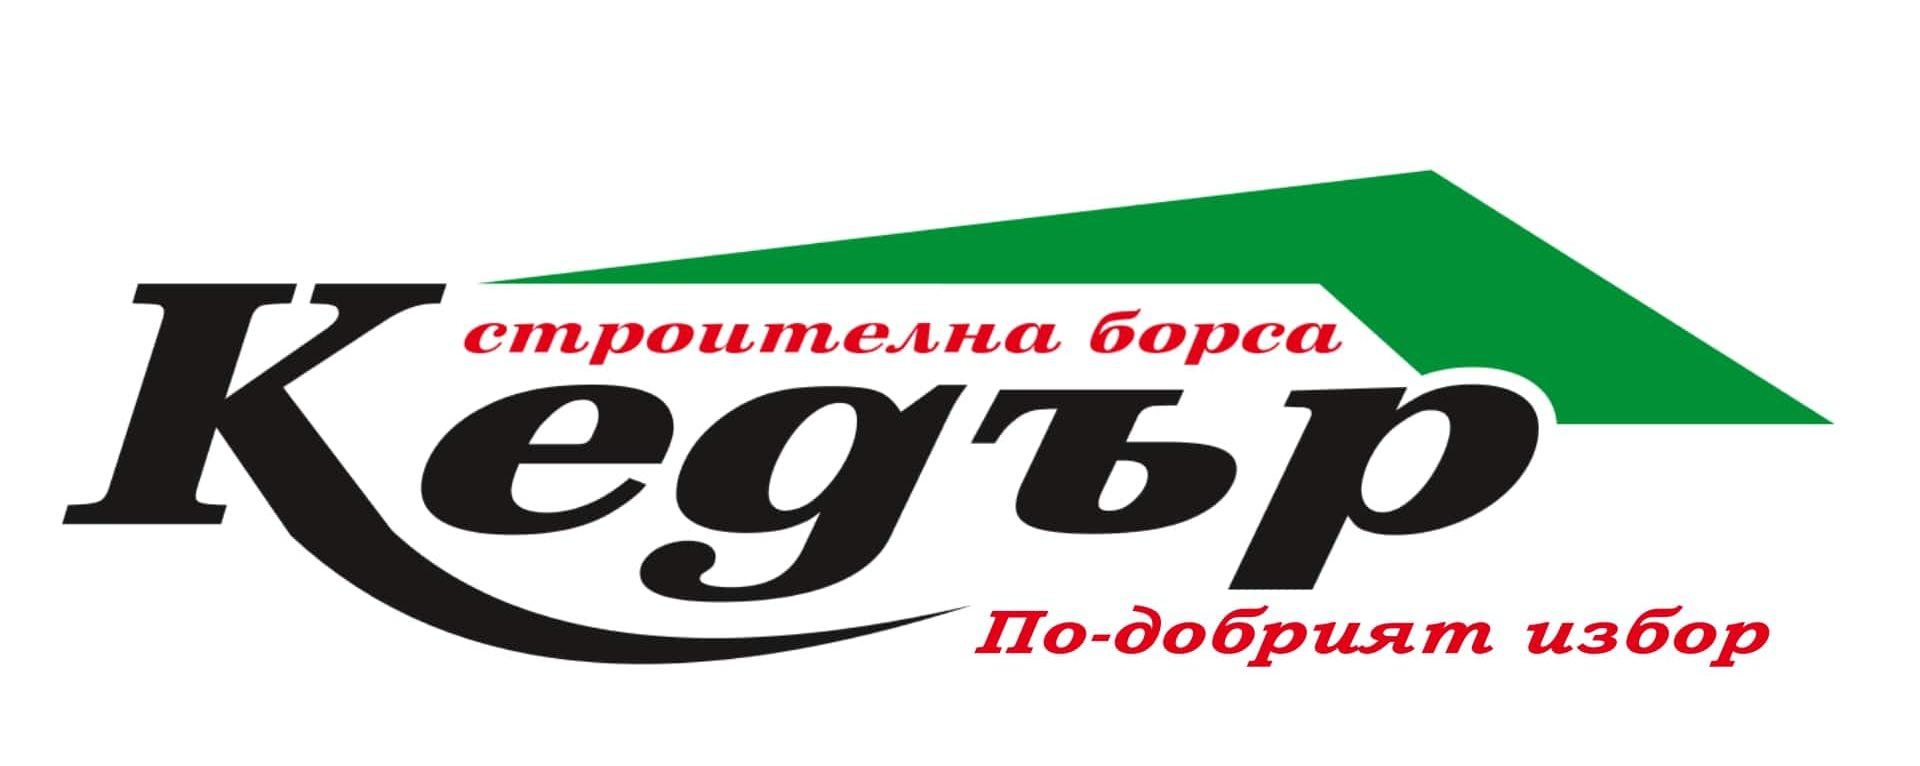 Кедър ЕООД